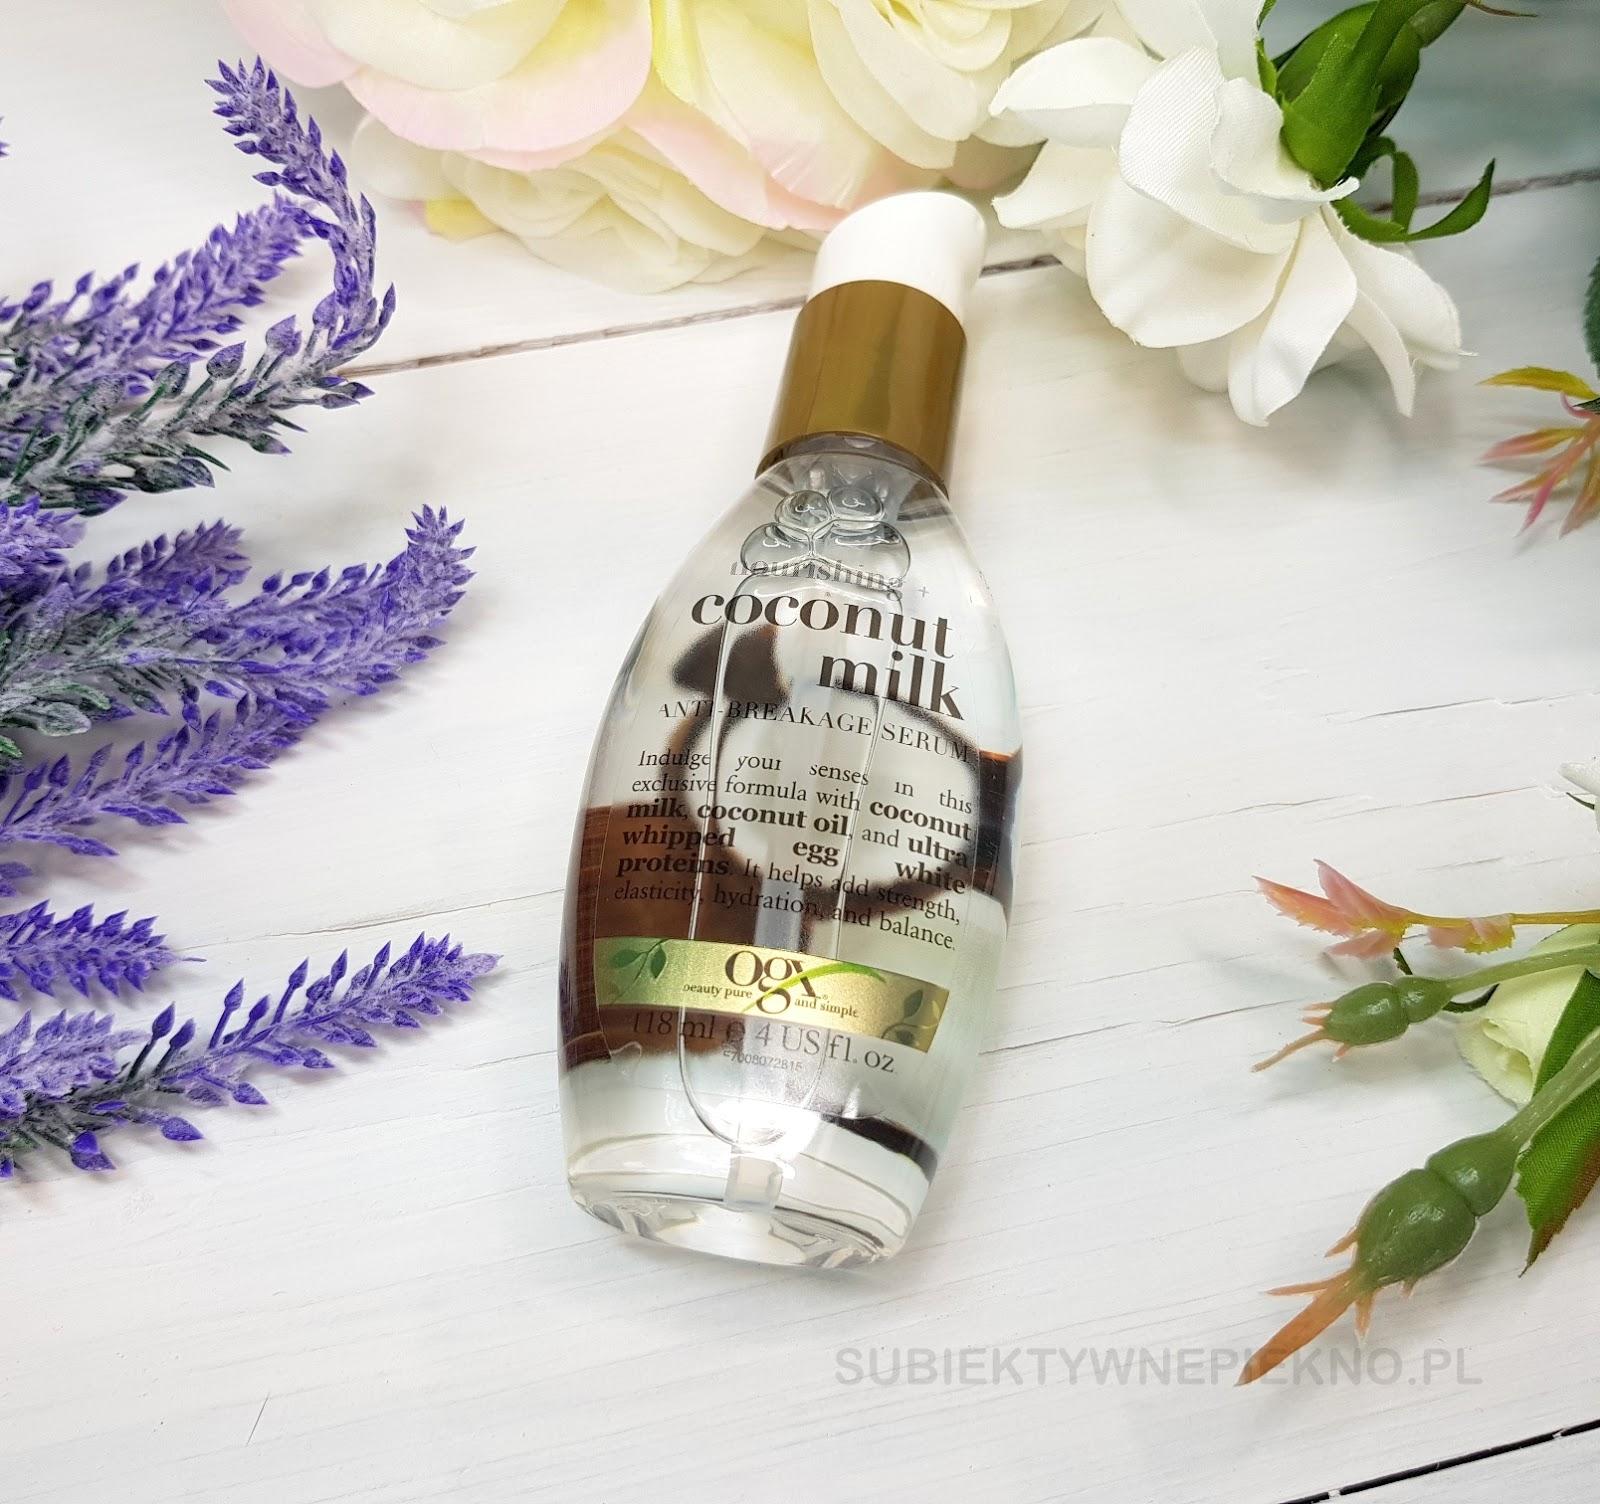 Organix Coconut Milk - wzmacniające serum do włosów OGX